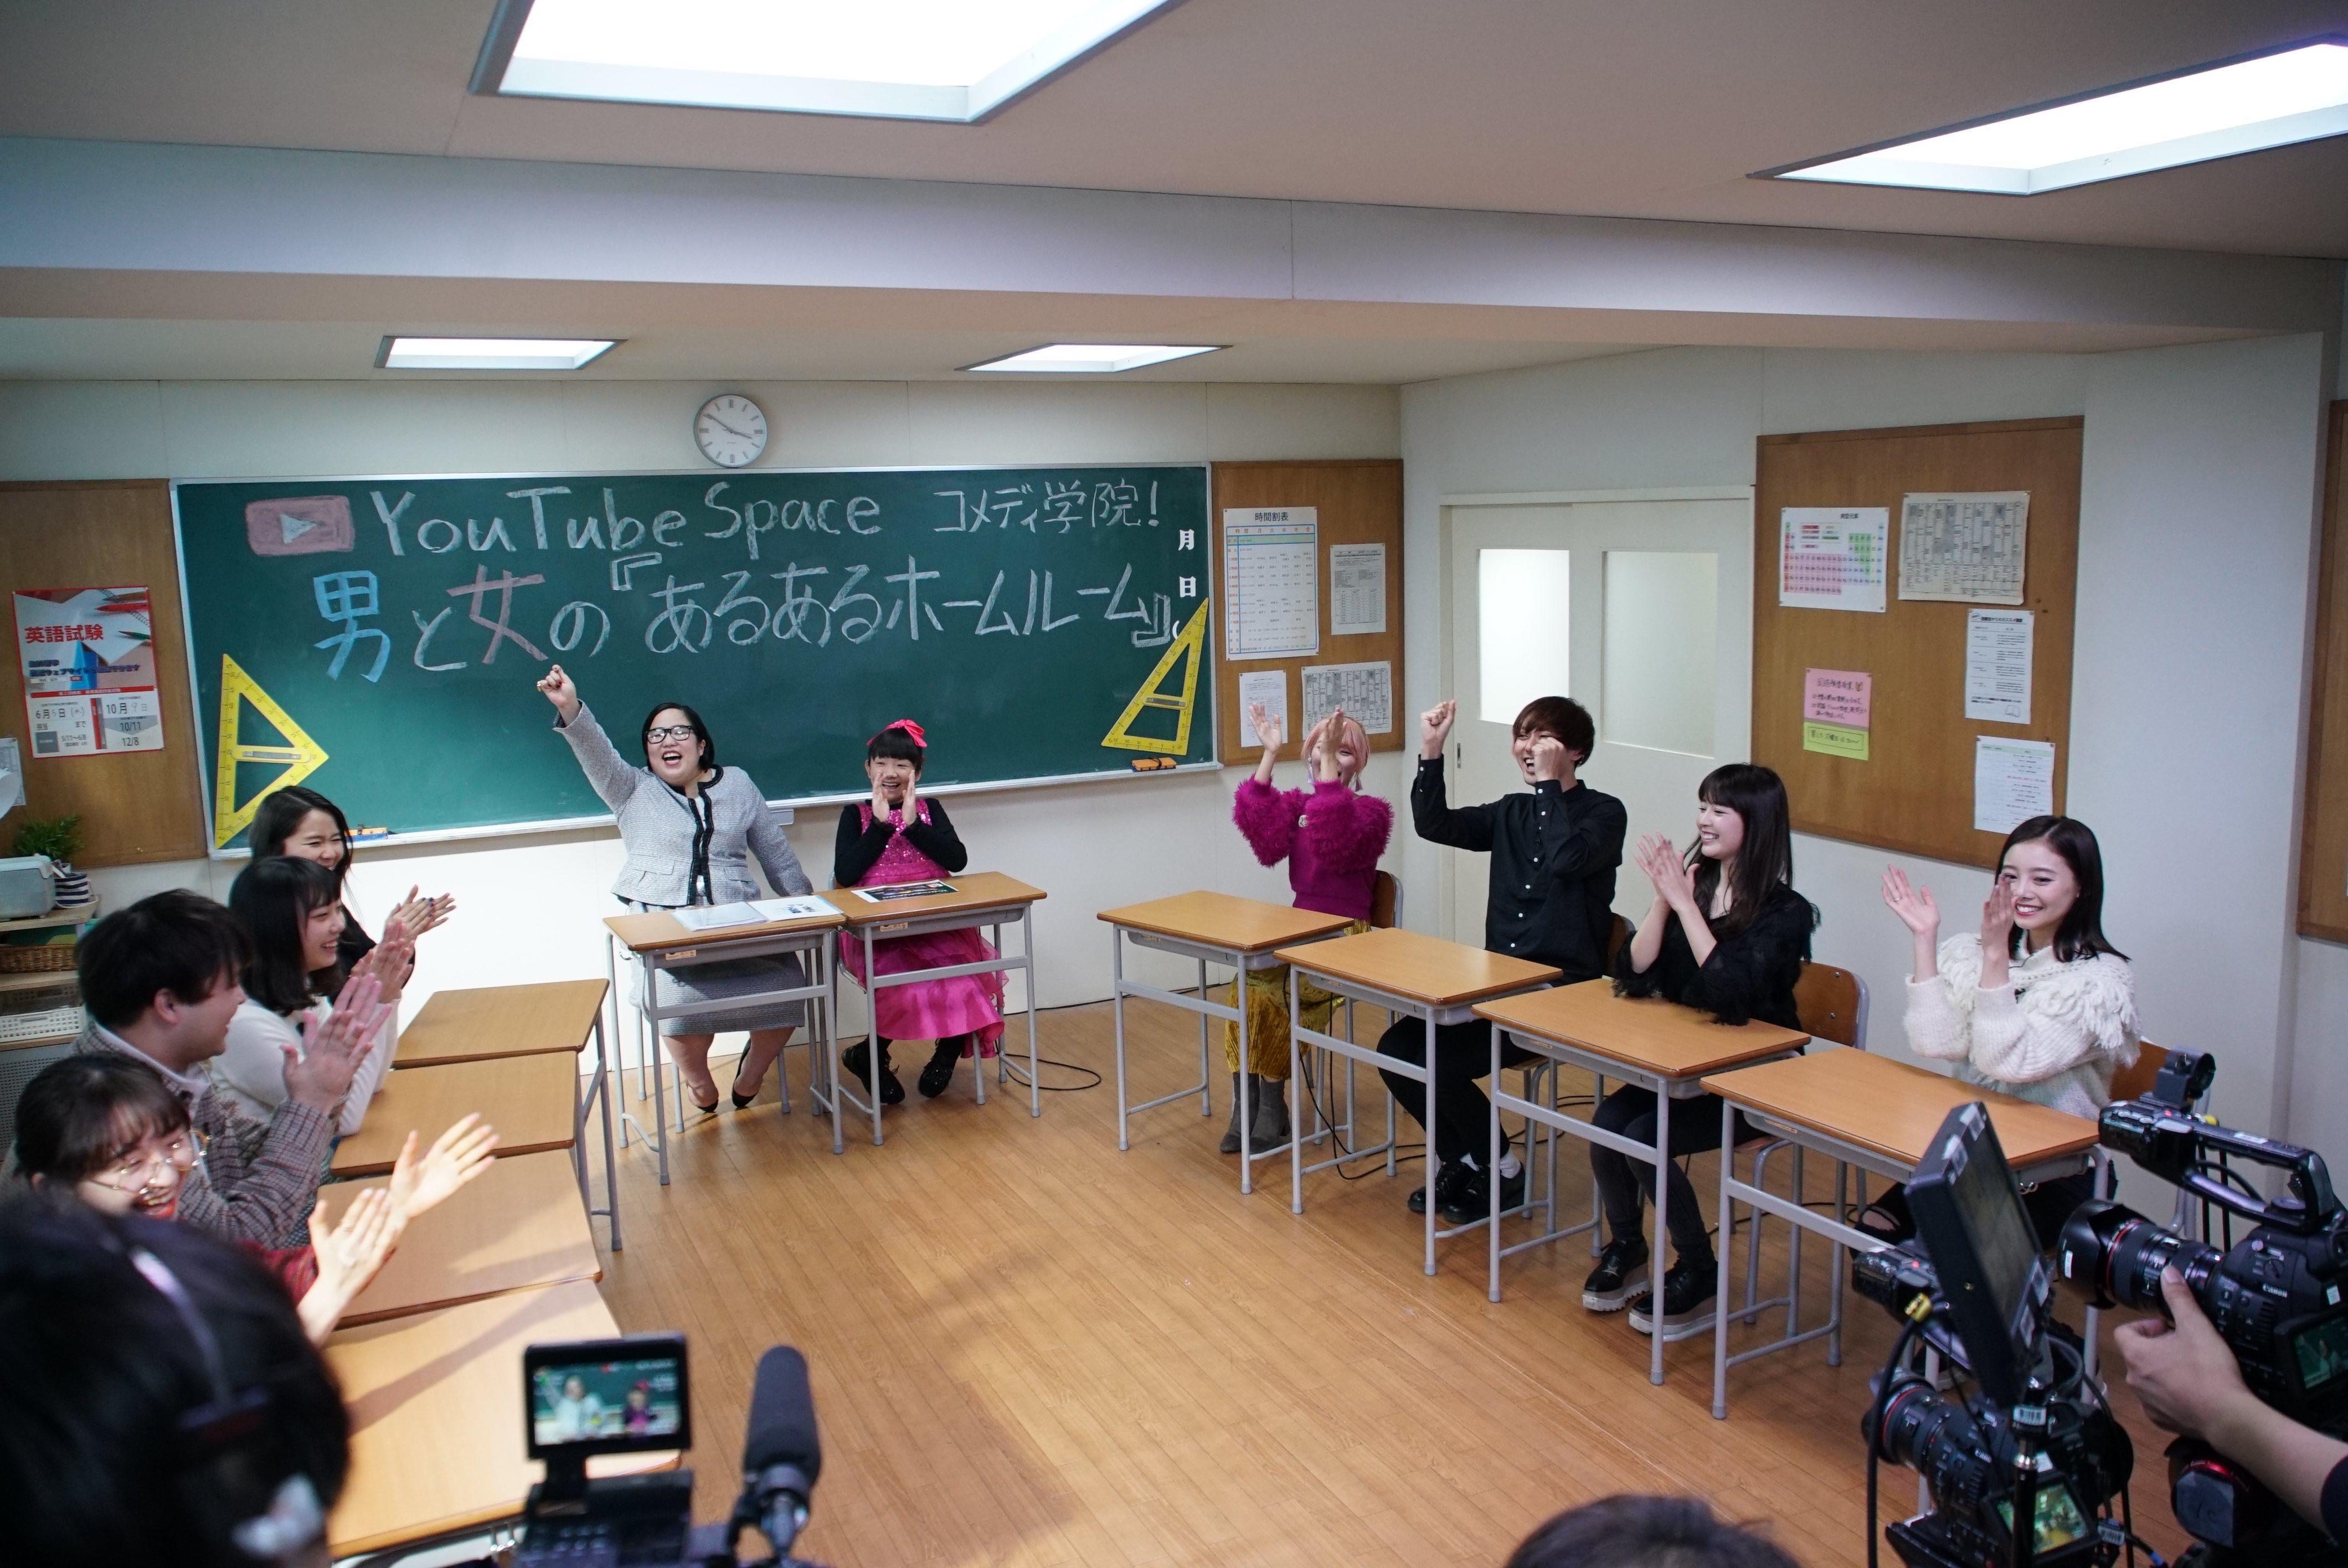 http://news.yoshimoto.co.jp/20180311071751-b378b0399c3309ec663d2144292820c21423ed78.jpg